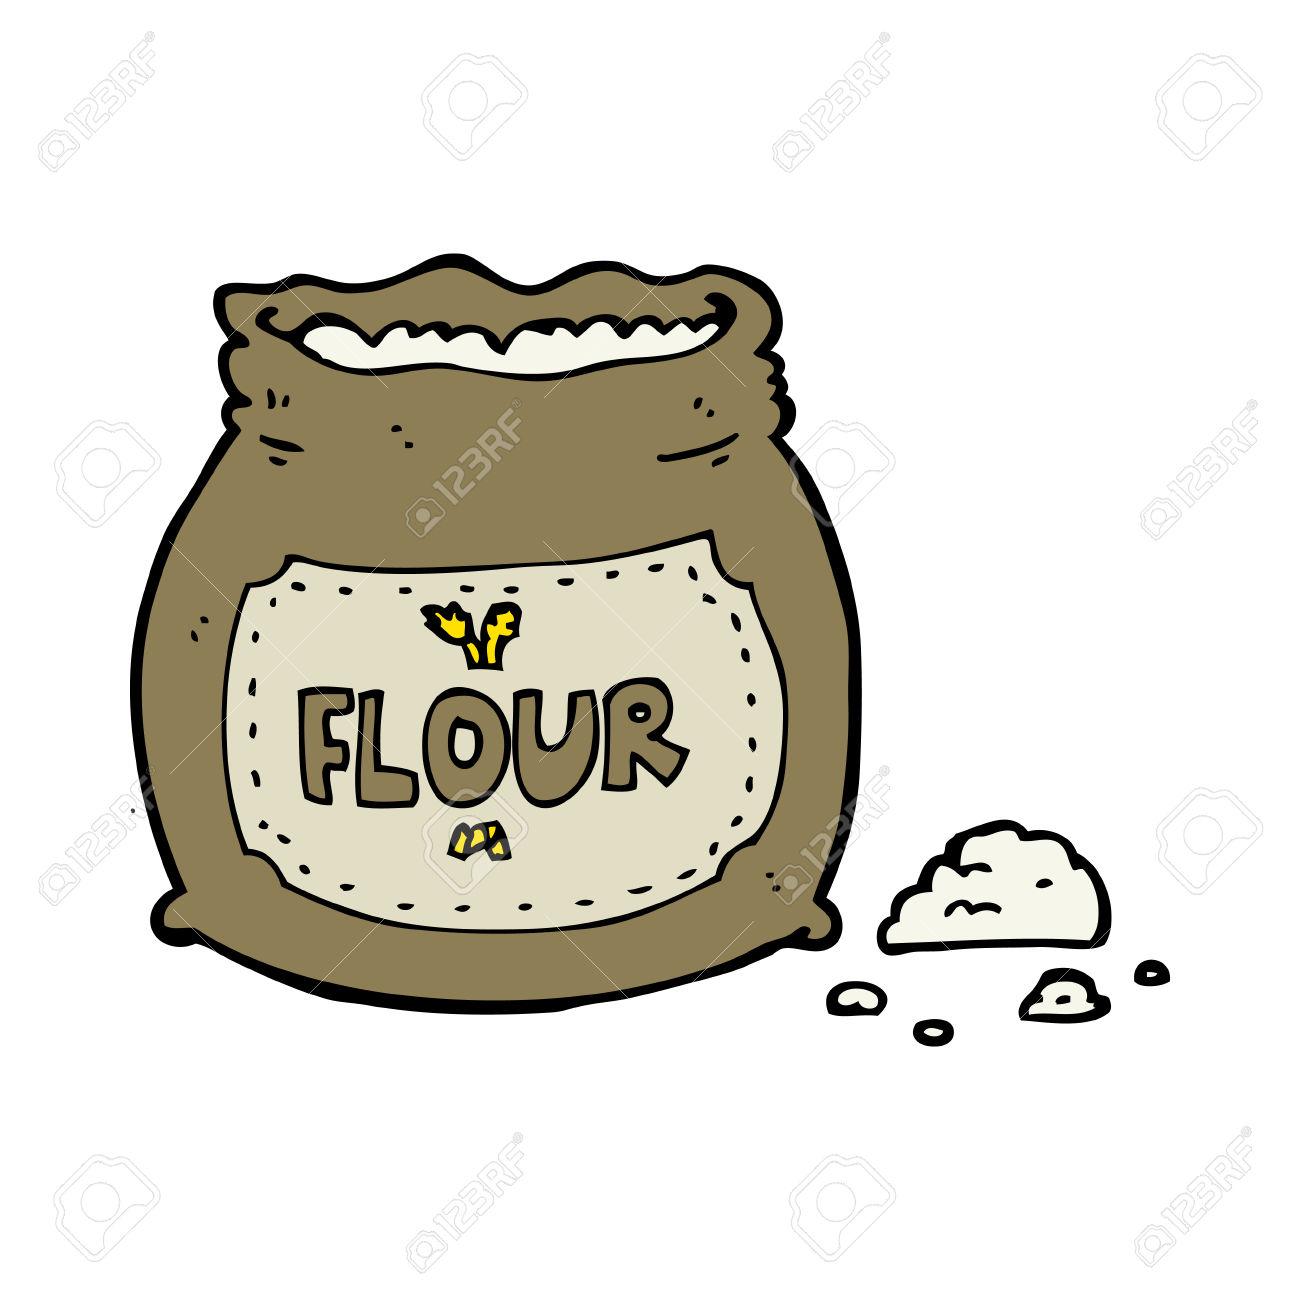 Flour clipart sack flour #2